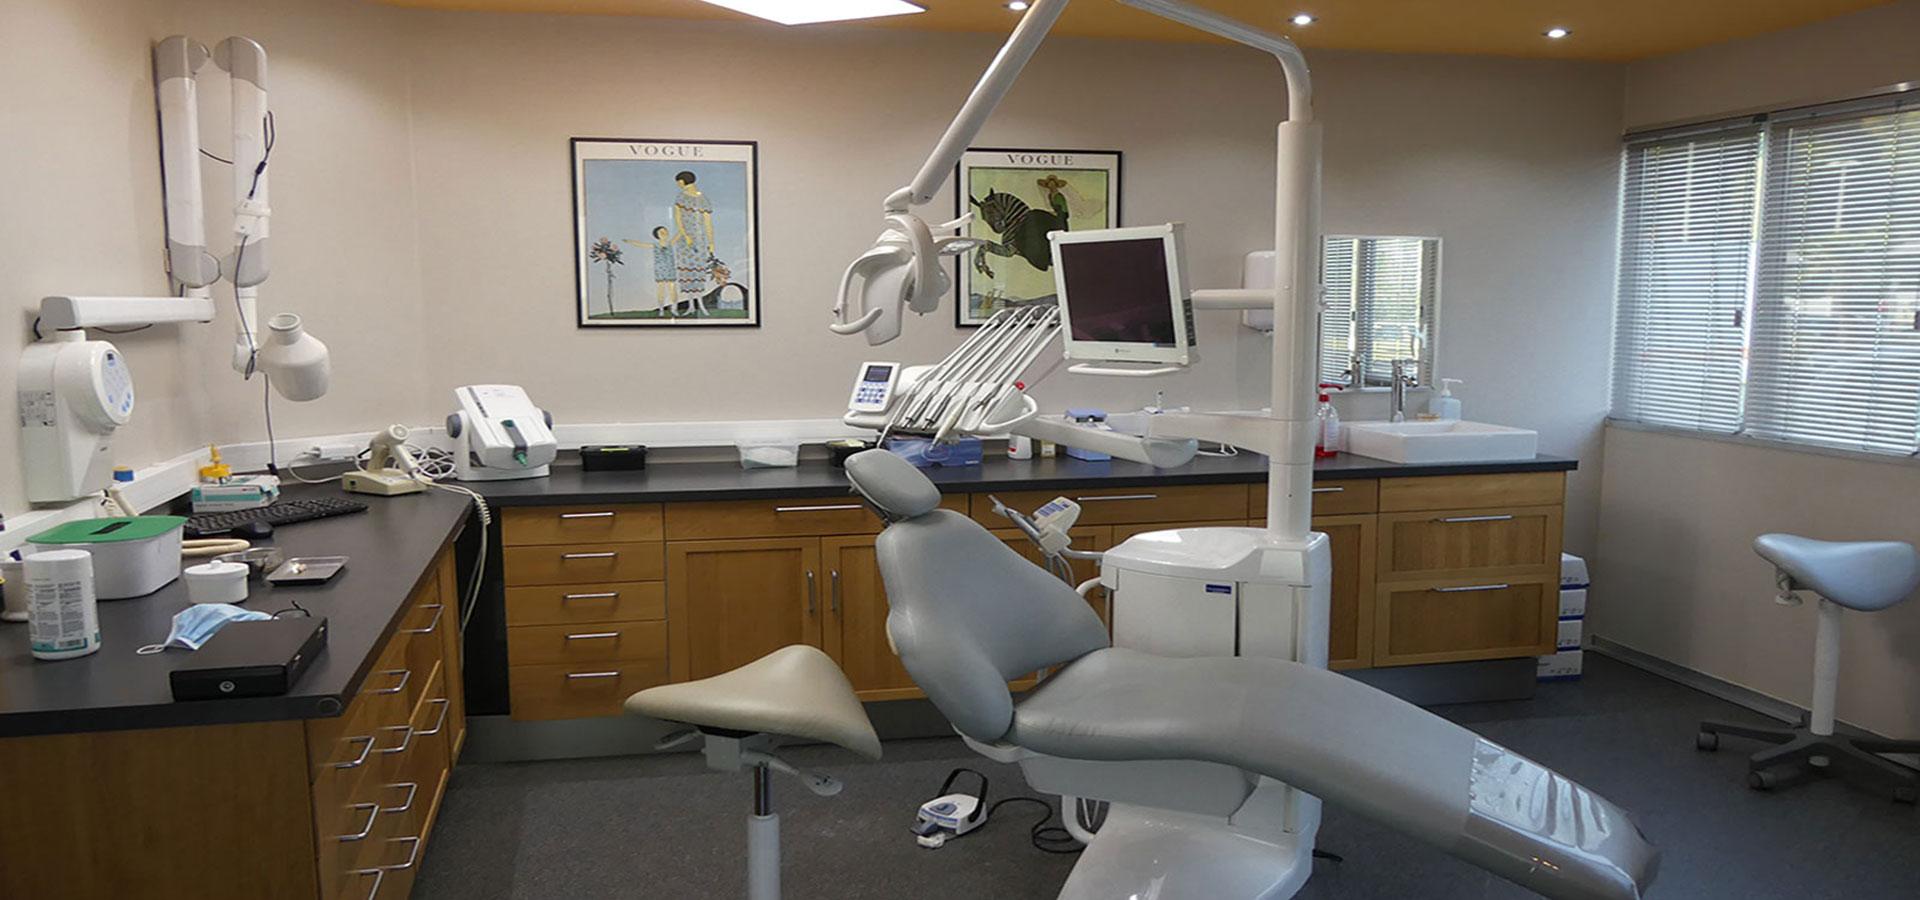 Prothèse dentaire : implant et prothèse c'est la même chose ?